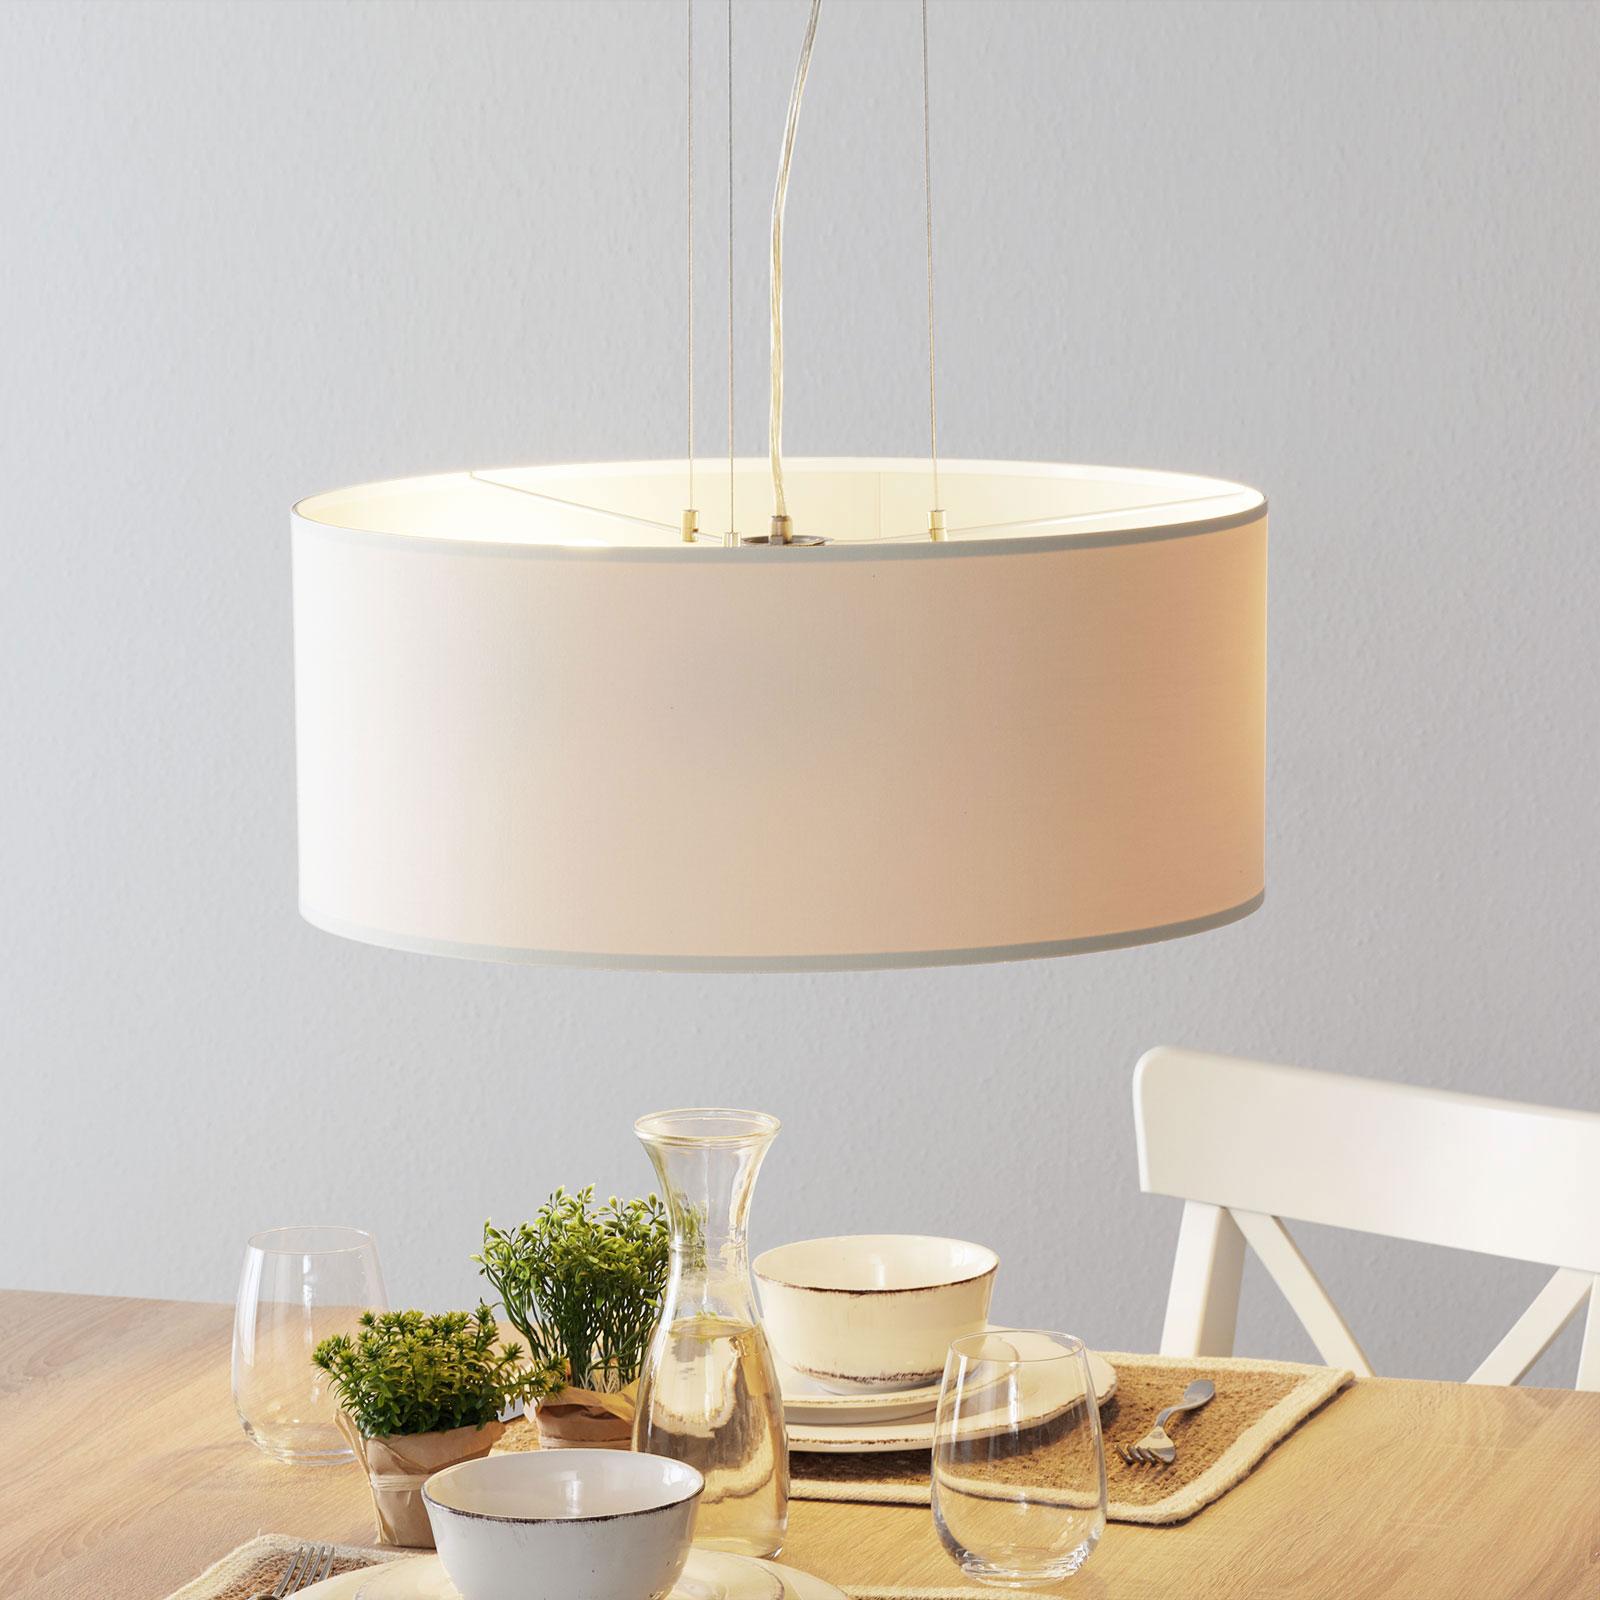 Lucande Patrik textilní závěsné světlo Ø53cm krém